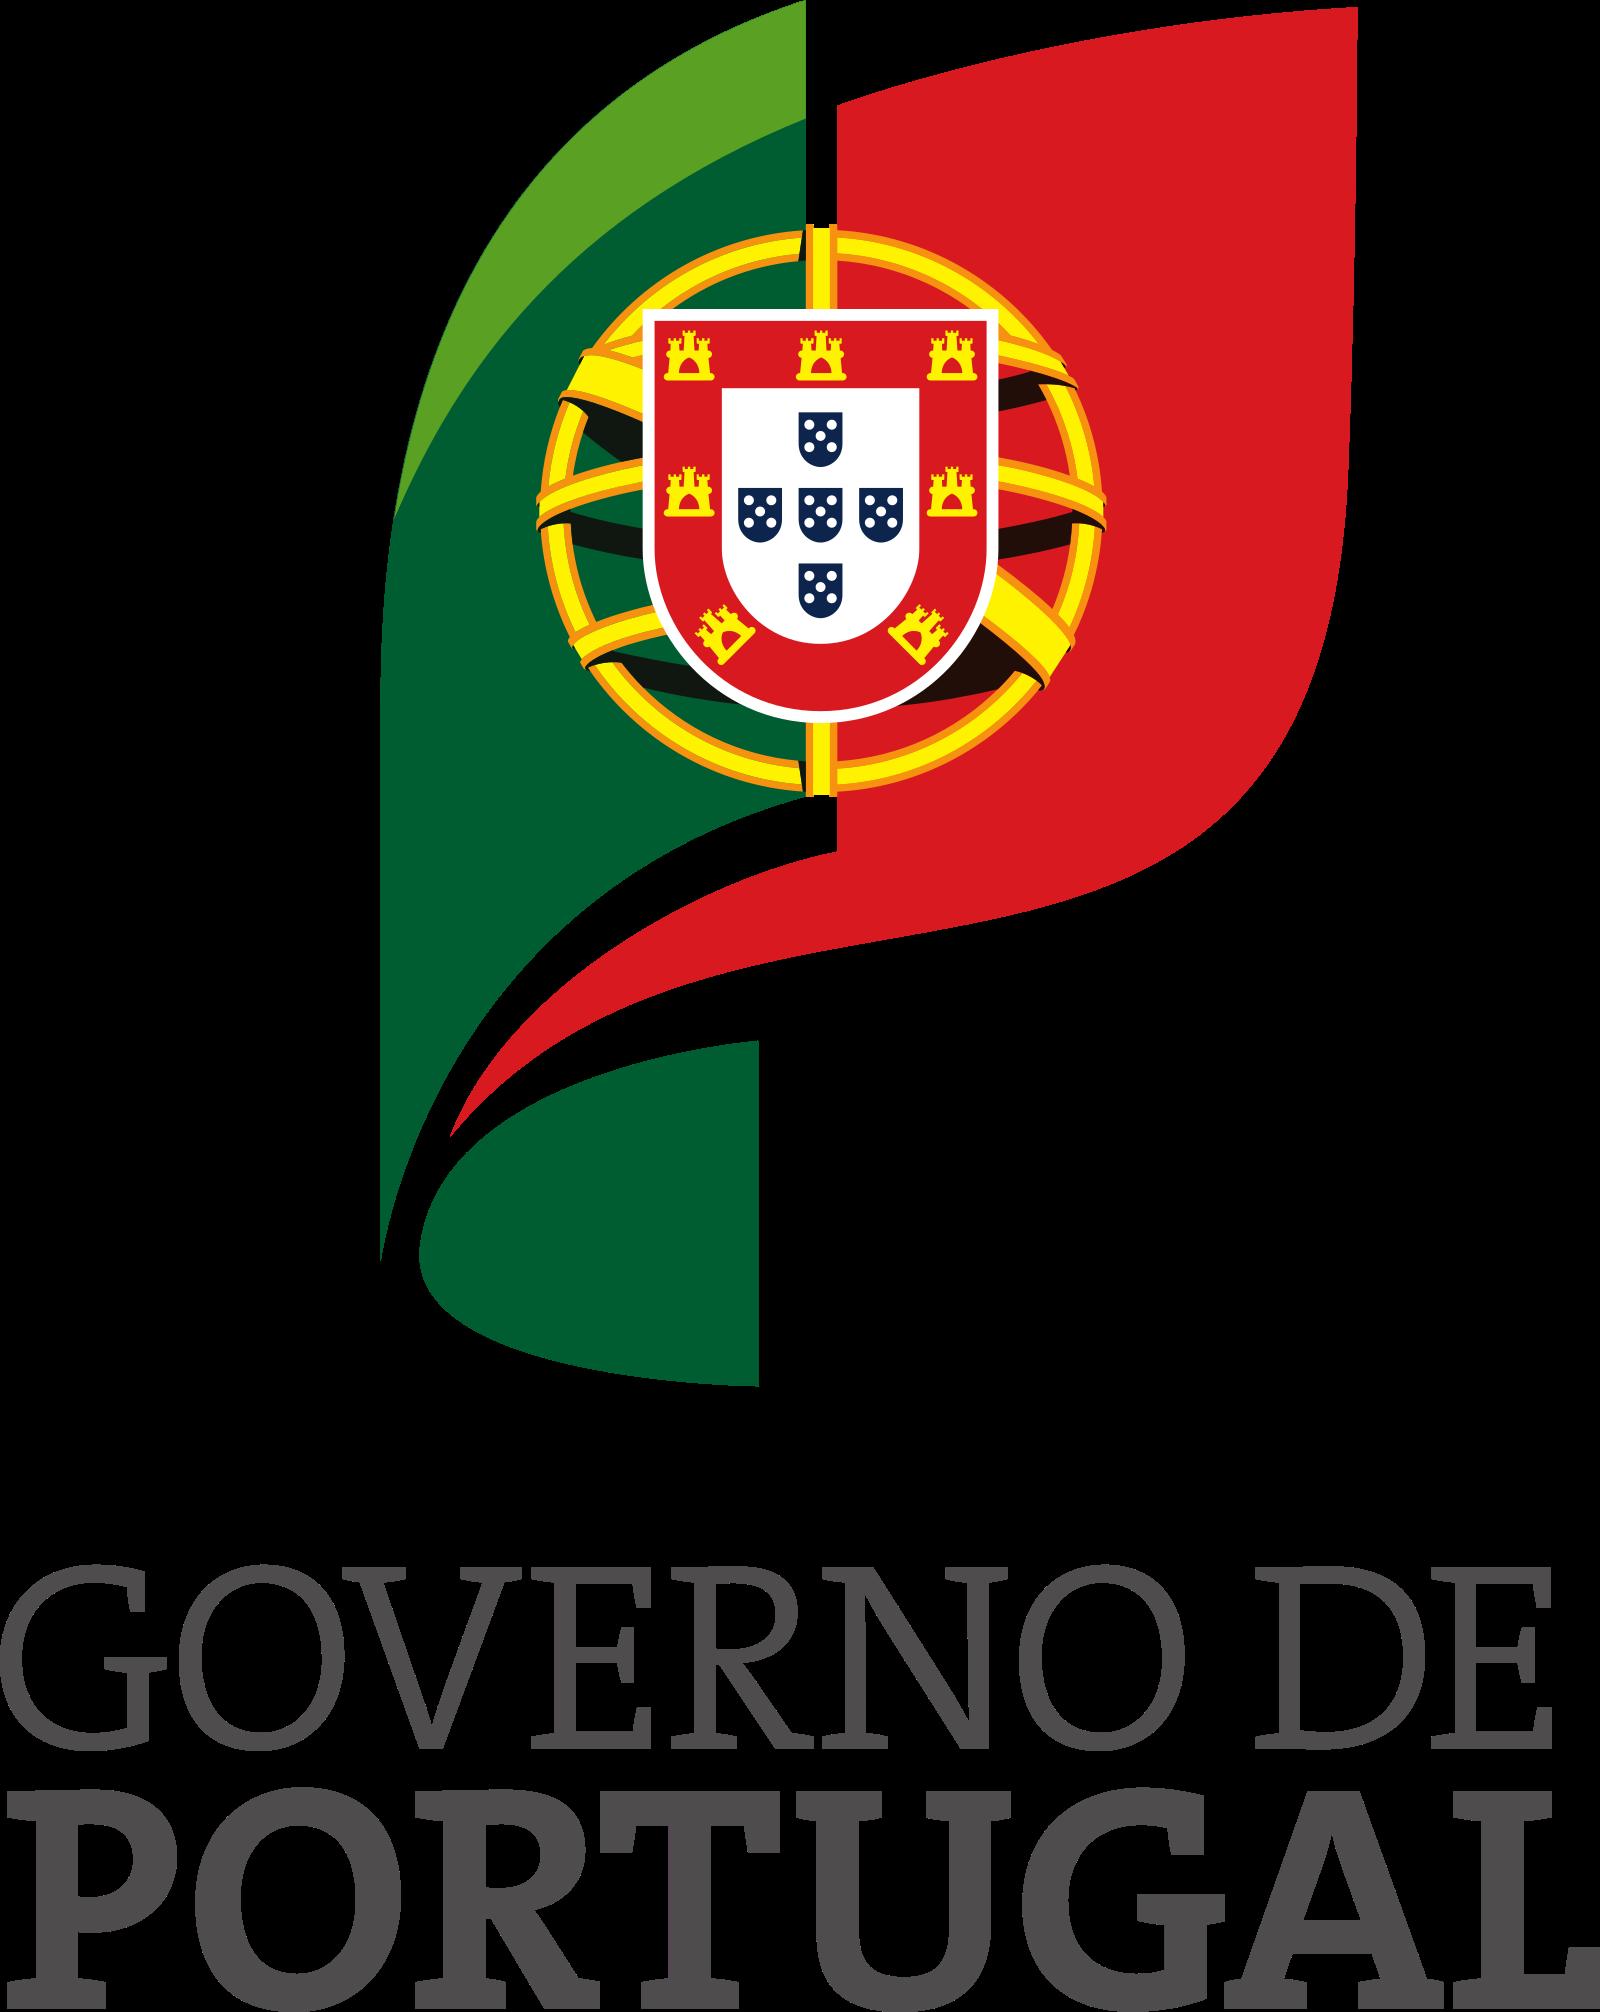 governo portugal 5 - Governo de Portugal Logo